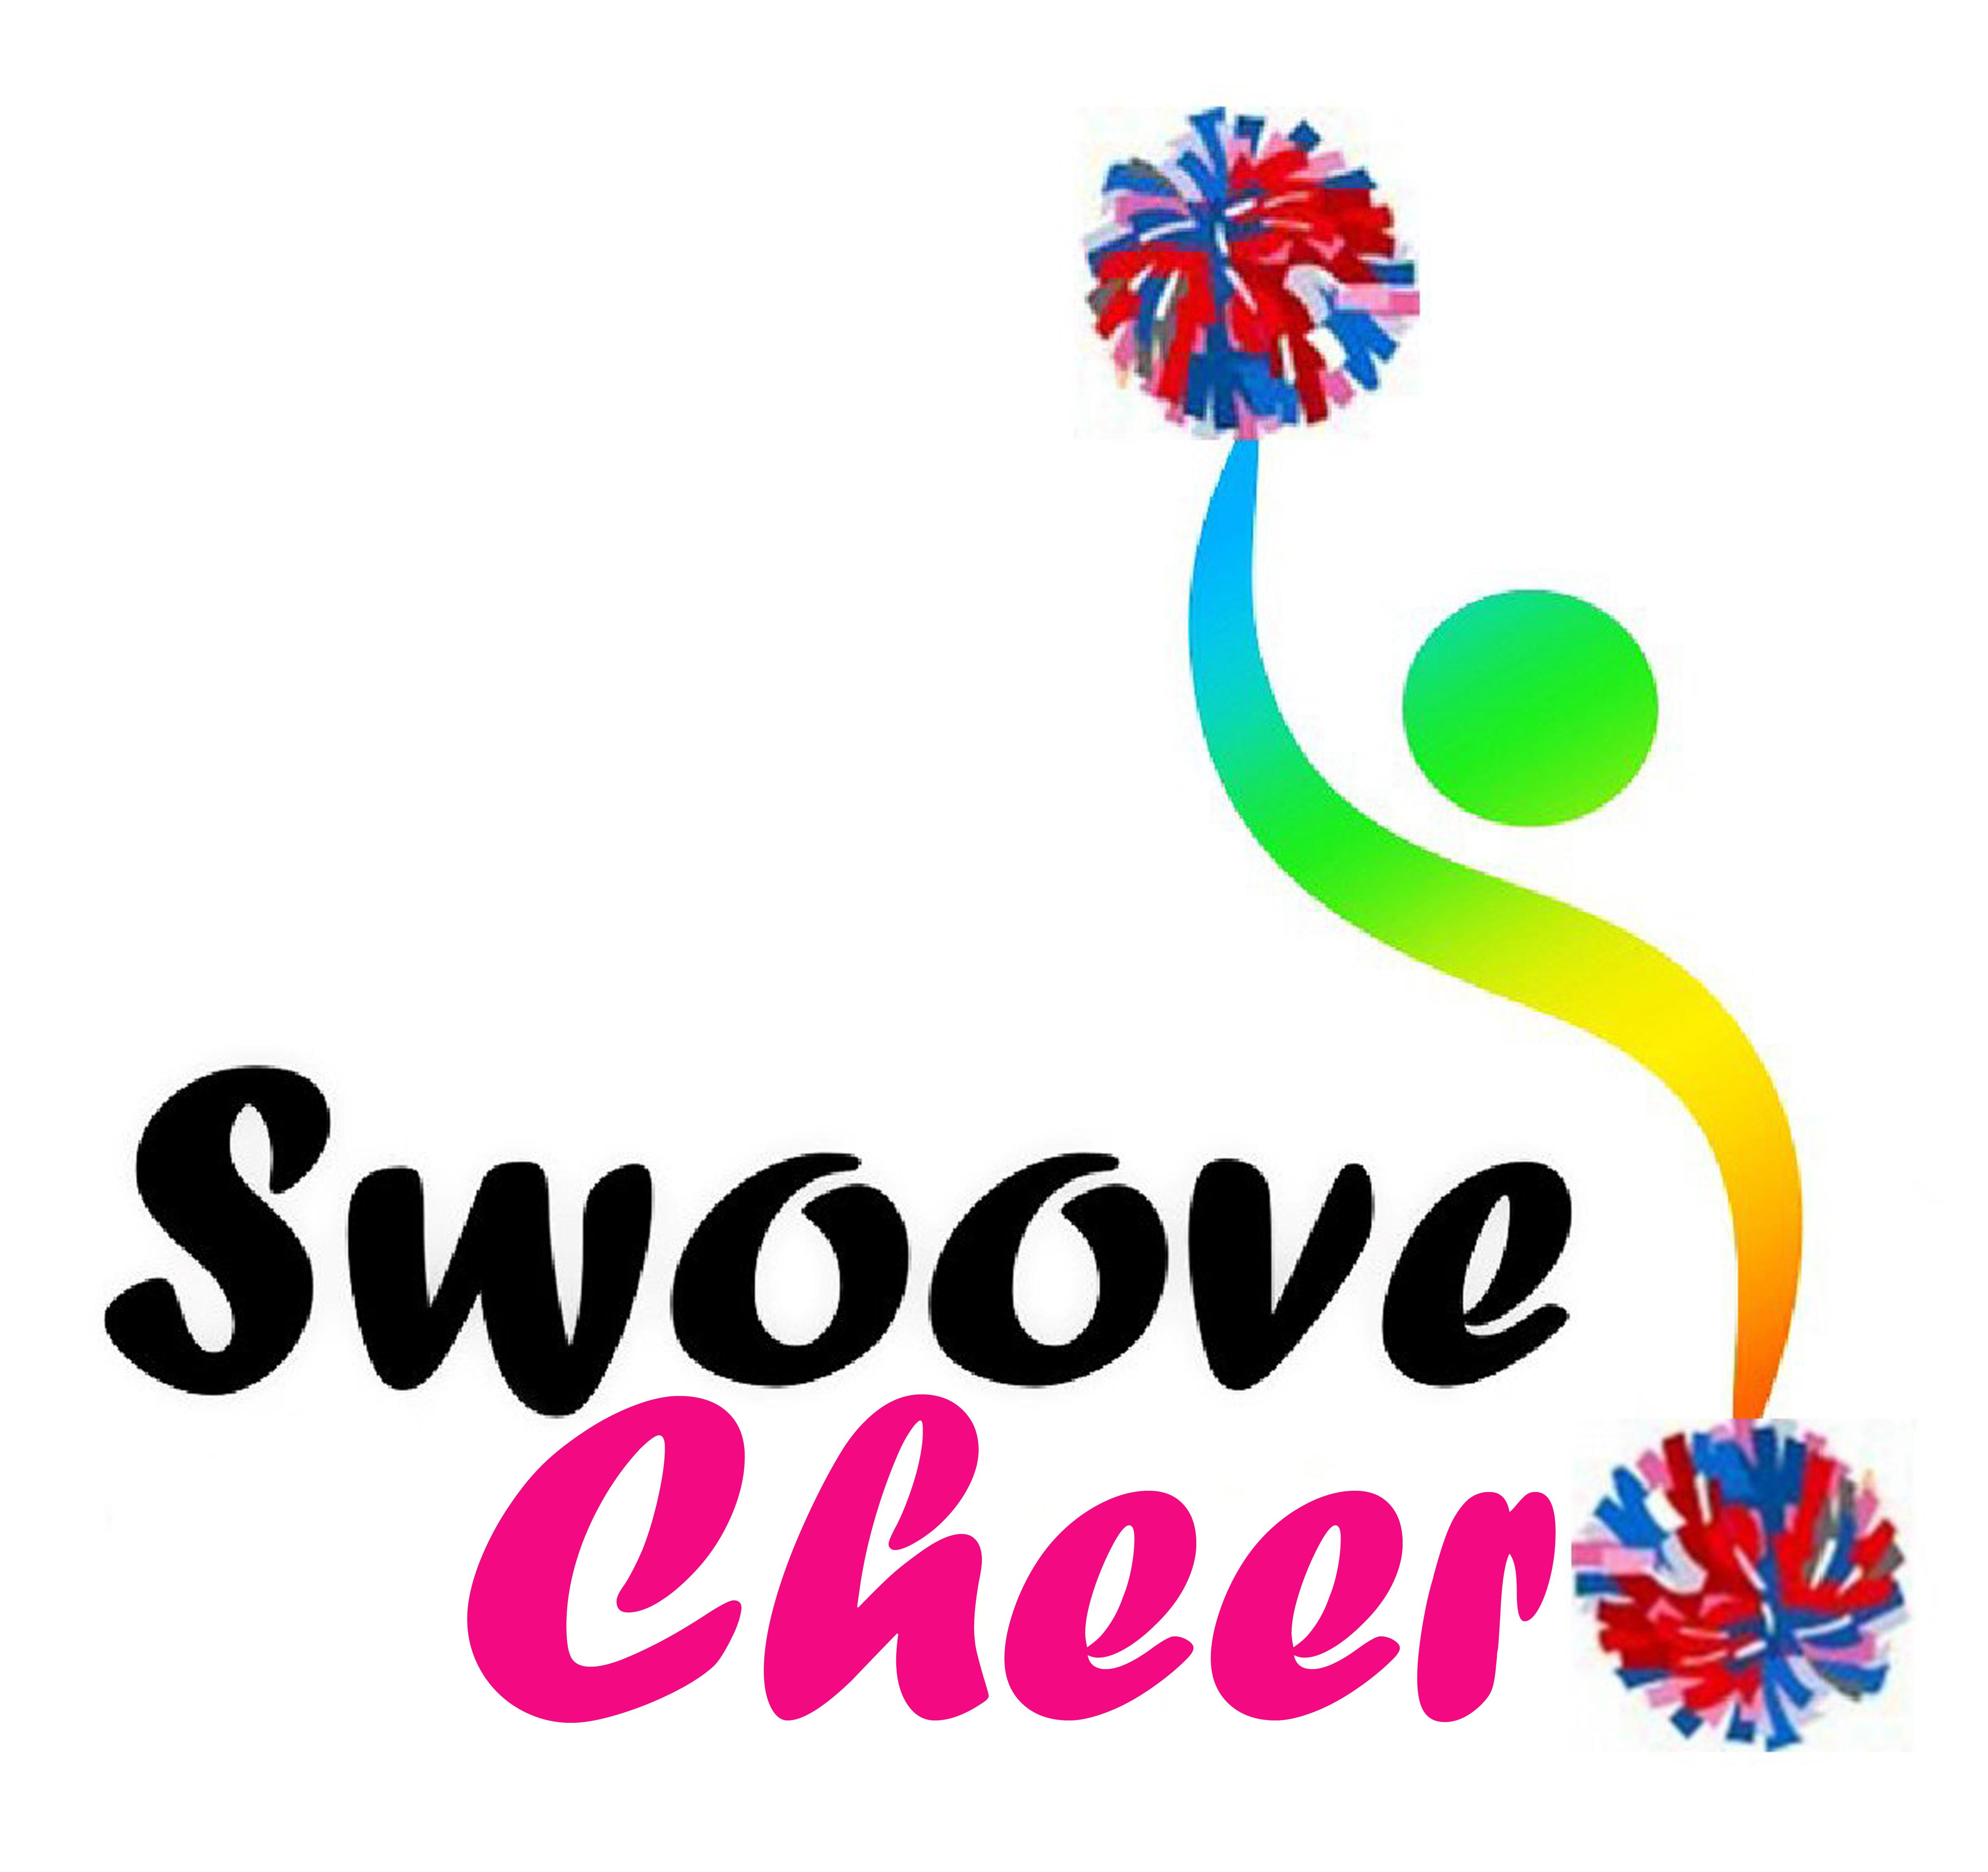 Swoove Cheer